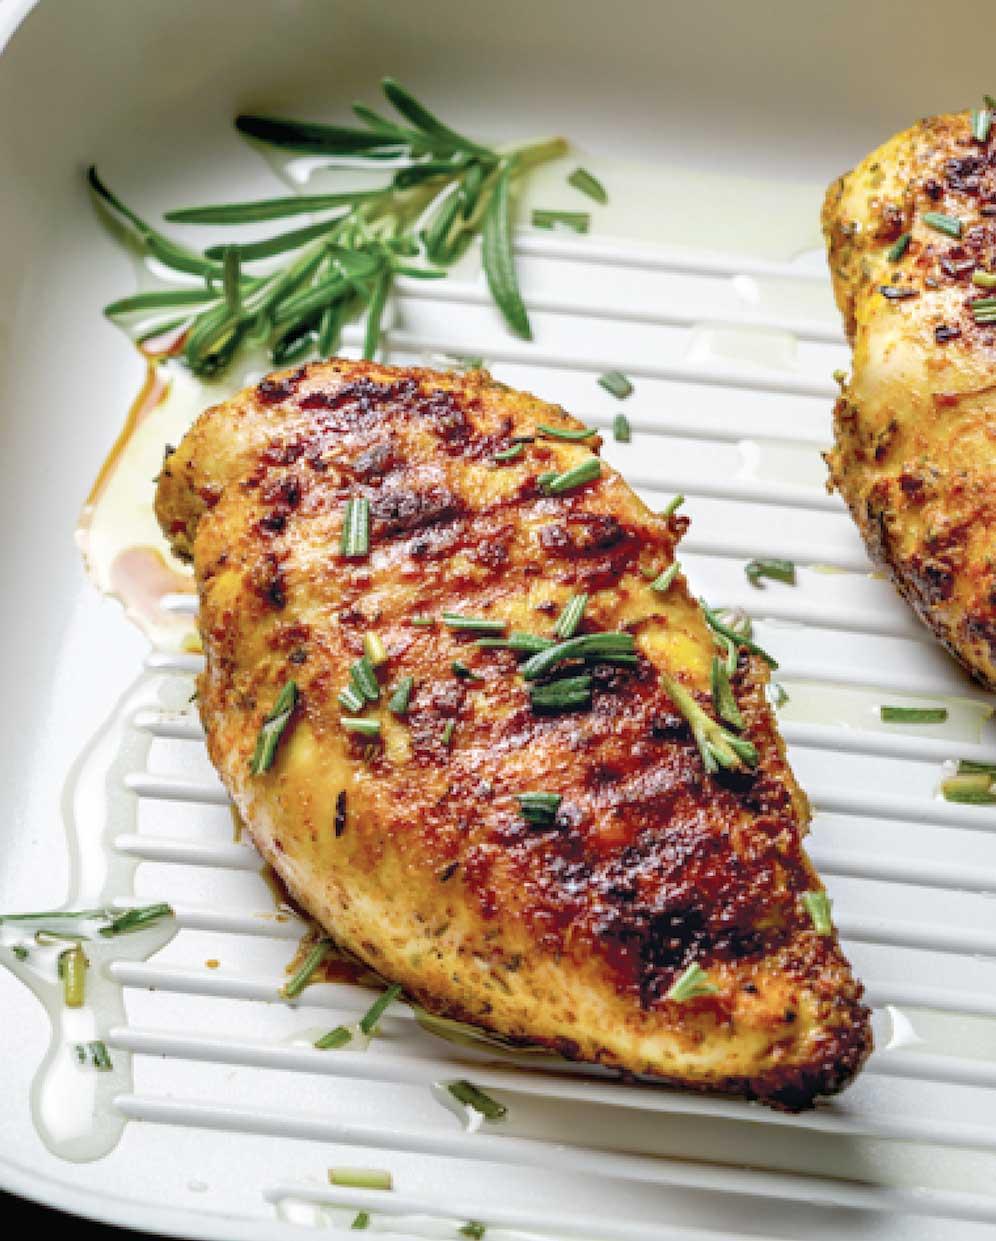 Lemon-Rosemary Chicken Breast